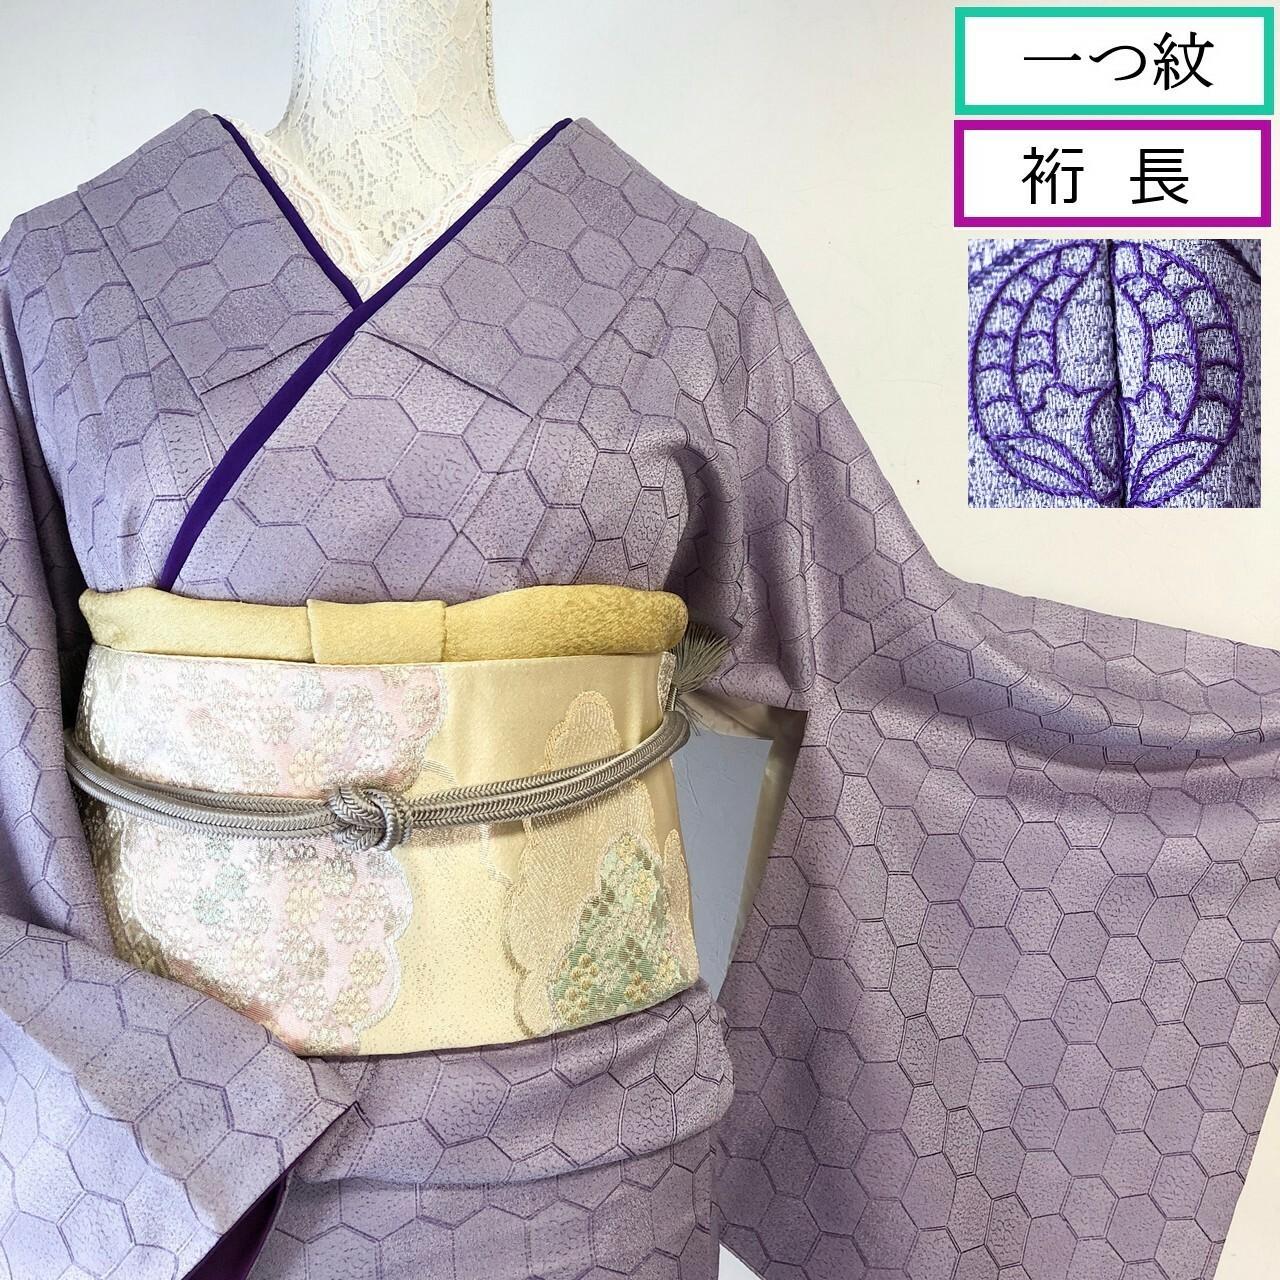 【裄長】小紋縫い紋重ね衿付き亀甲模様濃い藤色丈165.5裄68